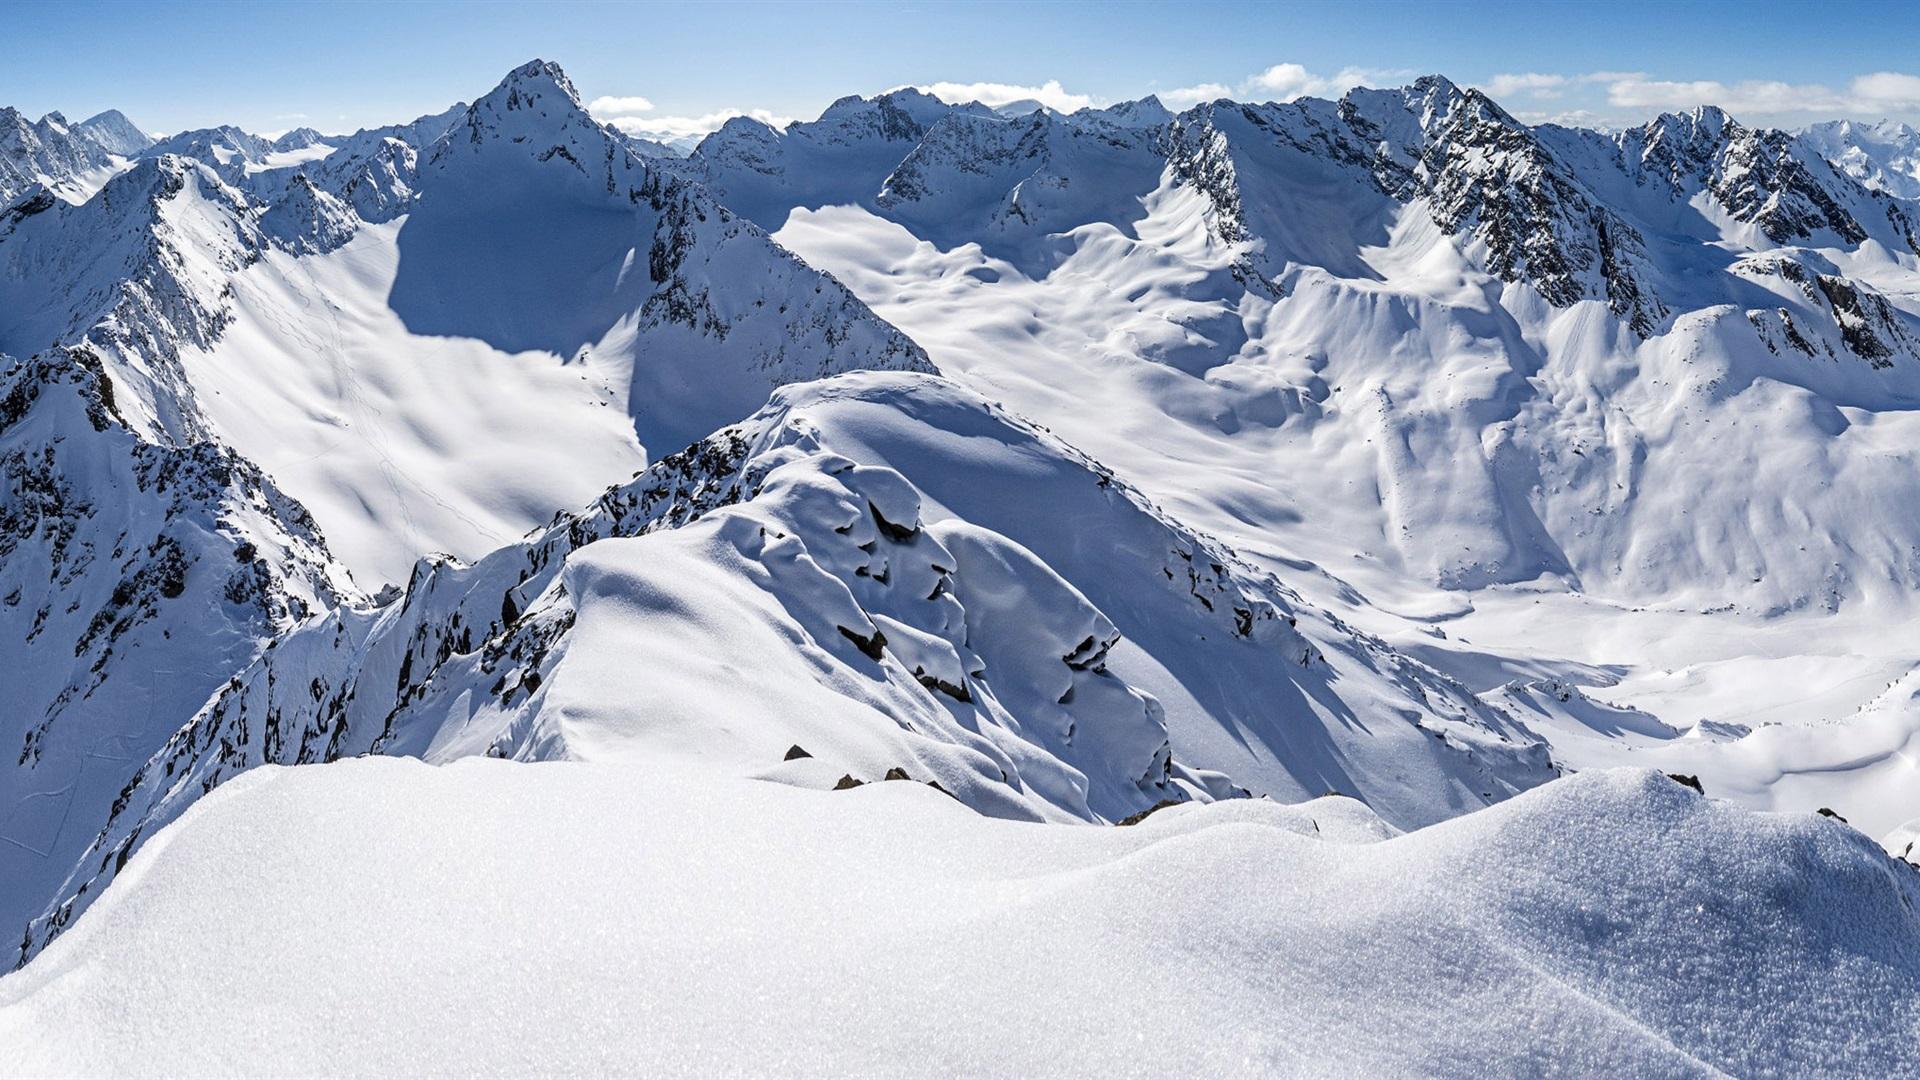 Fondo De Montañas Nevadas En Hd: Zischgeles, Alpes De Stubai, Tirol, Austria, Nieve Espesa